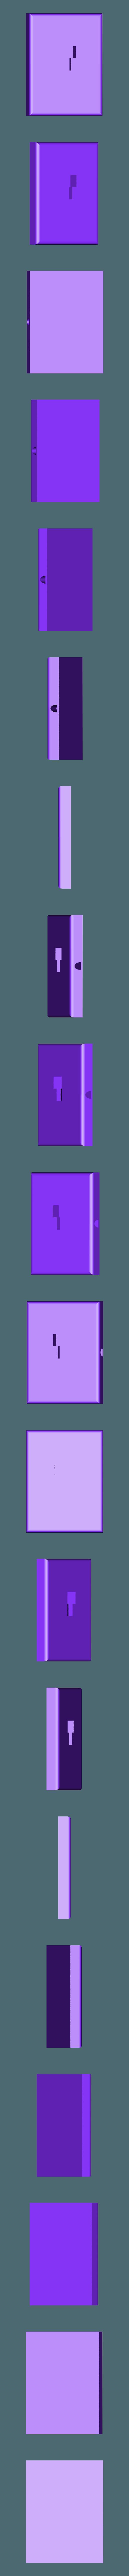 BottomLeft.STL Télécharger fichier STL gratuit Échiquier vertical, alias l'Échiquier à l'épreuve des chats • Design à imprimer en 3D, SSilver